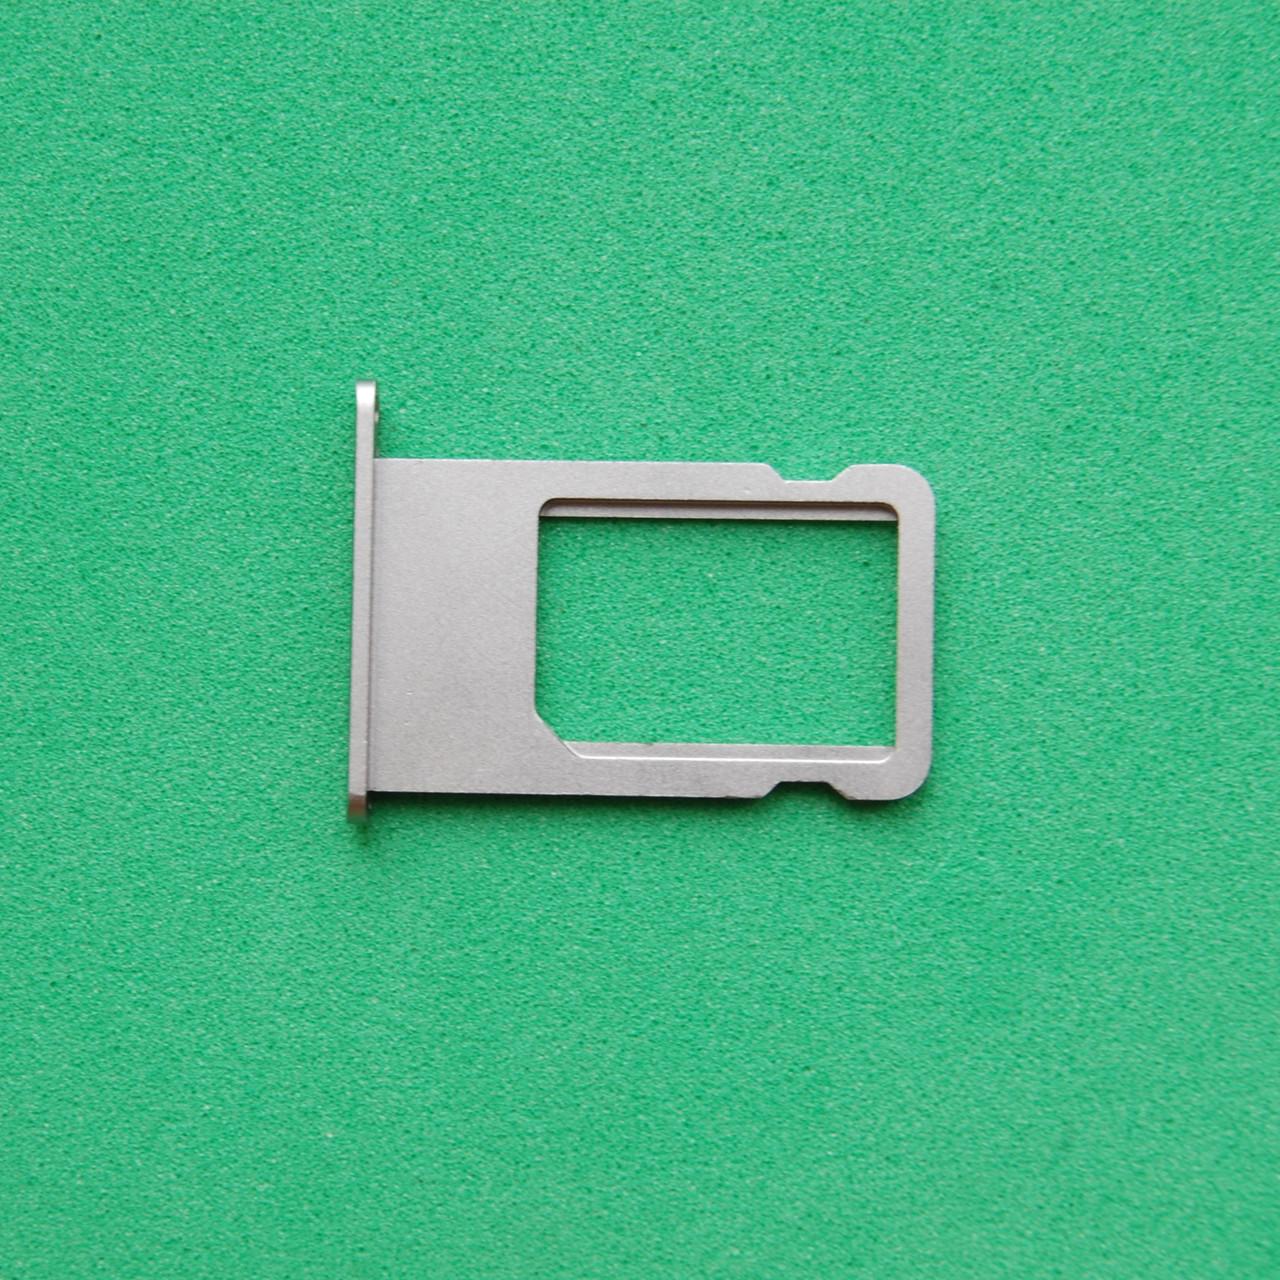 Держатель sim-карты для Apple iPhone 6S Space Gray